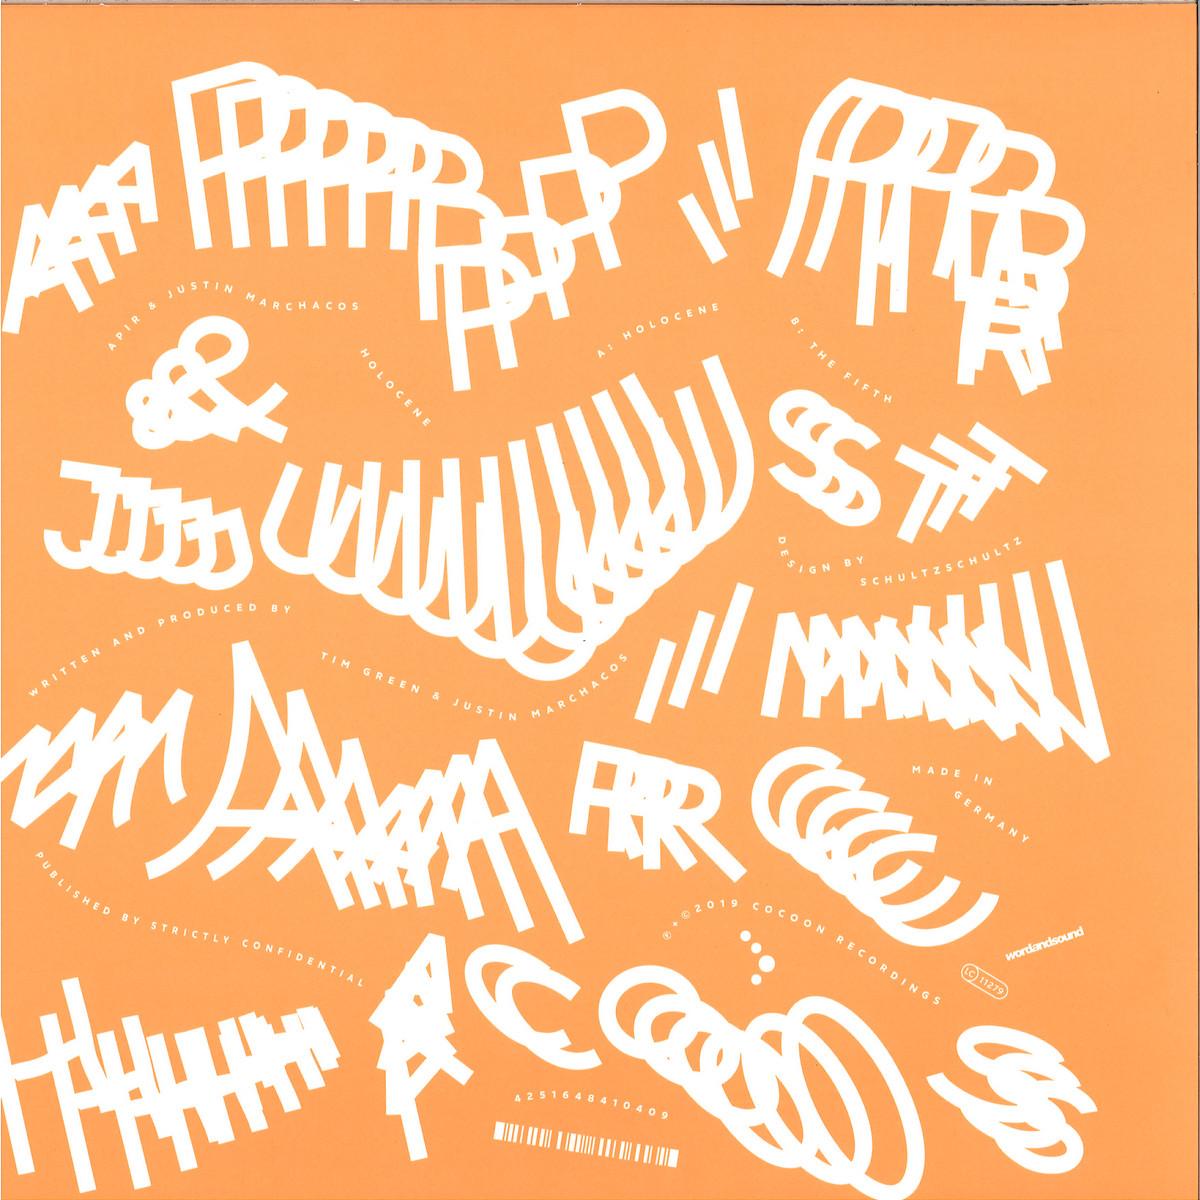 deejay de - Cocoon Records